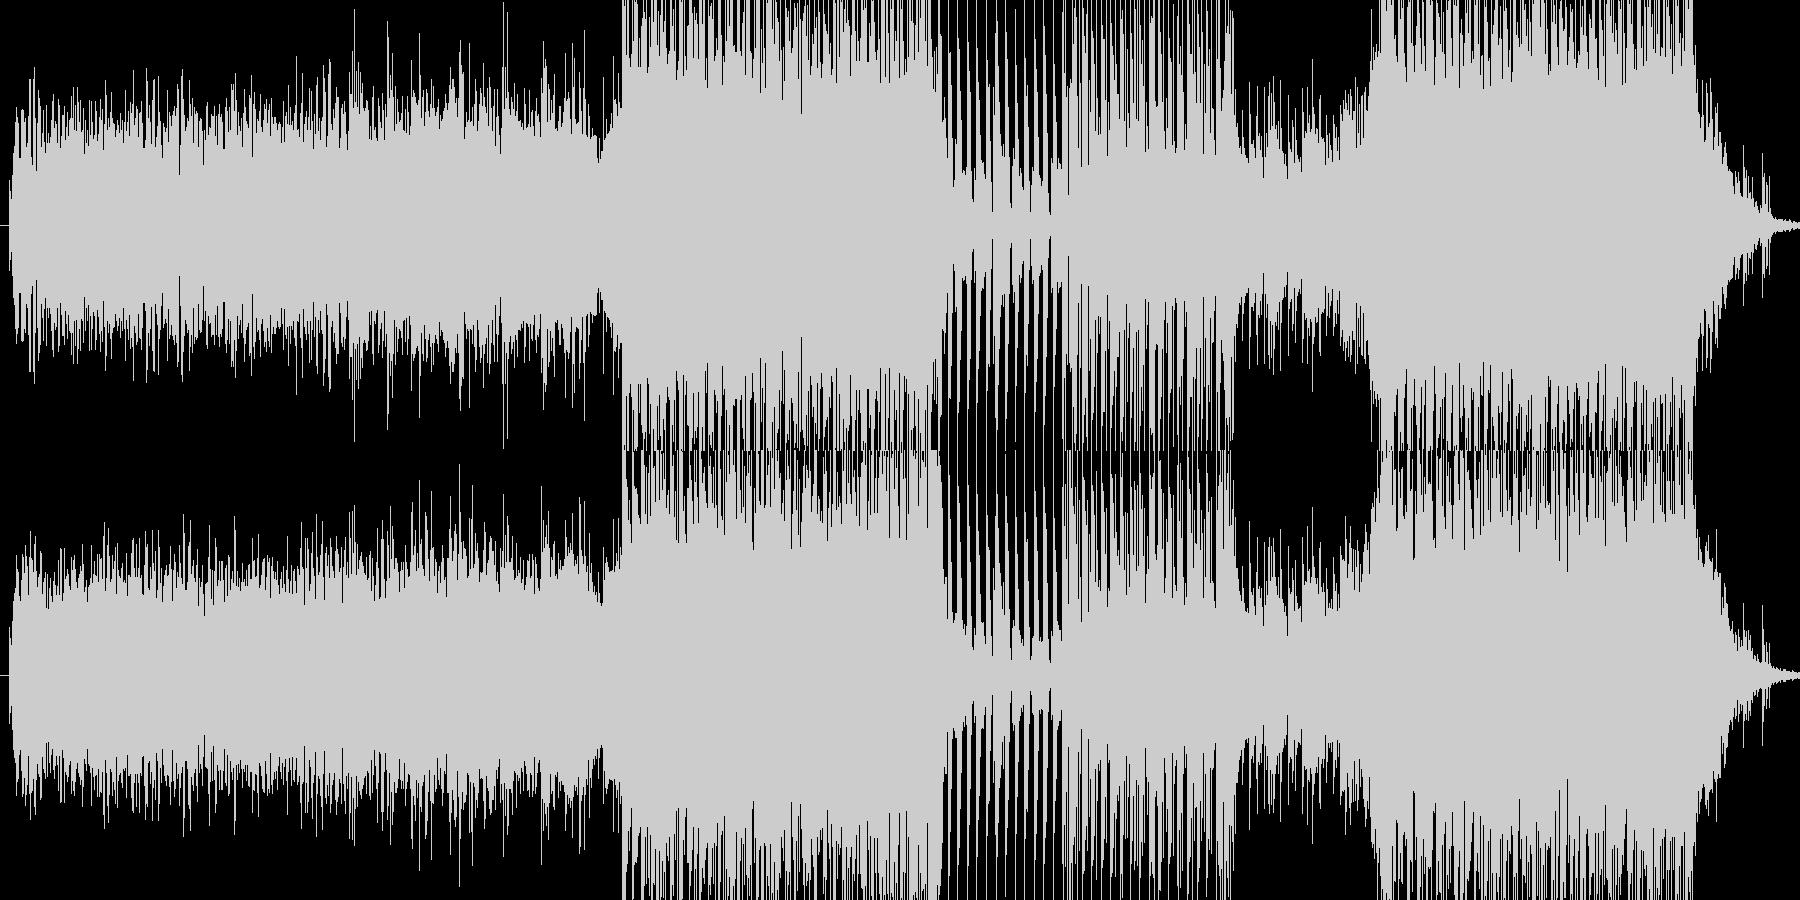 ピアノをフィーチャーした哀愁感あるEDMの未再生の波形